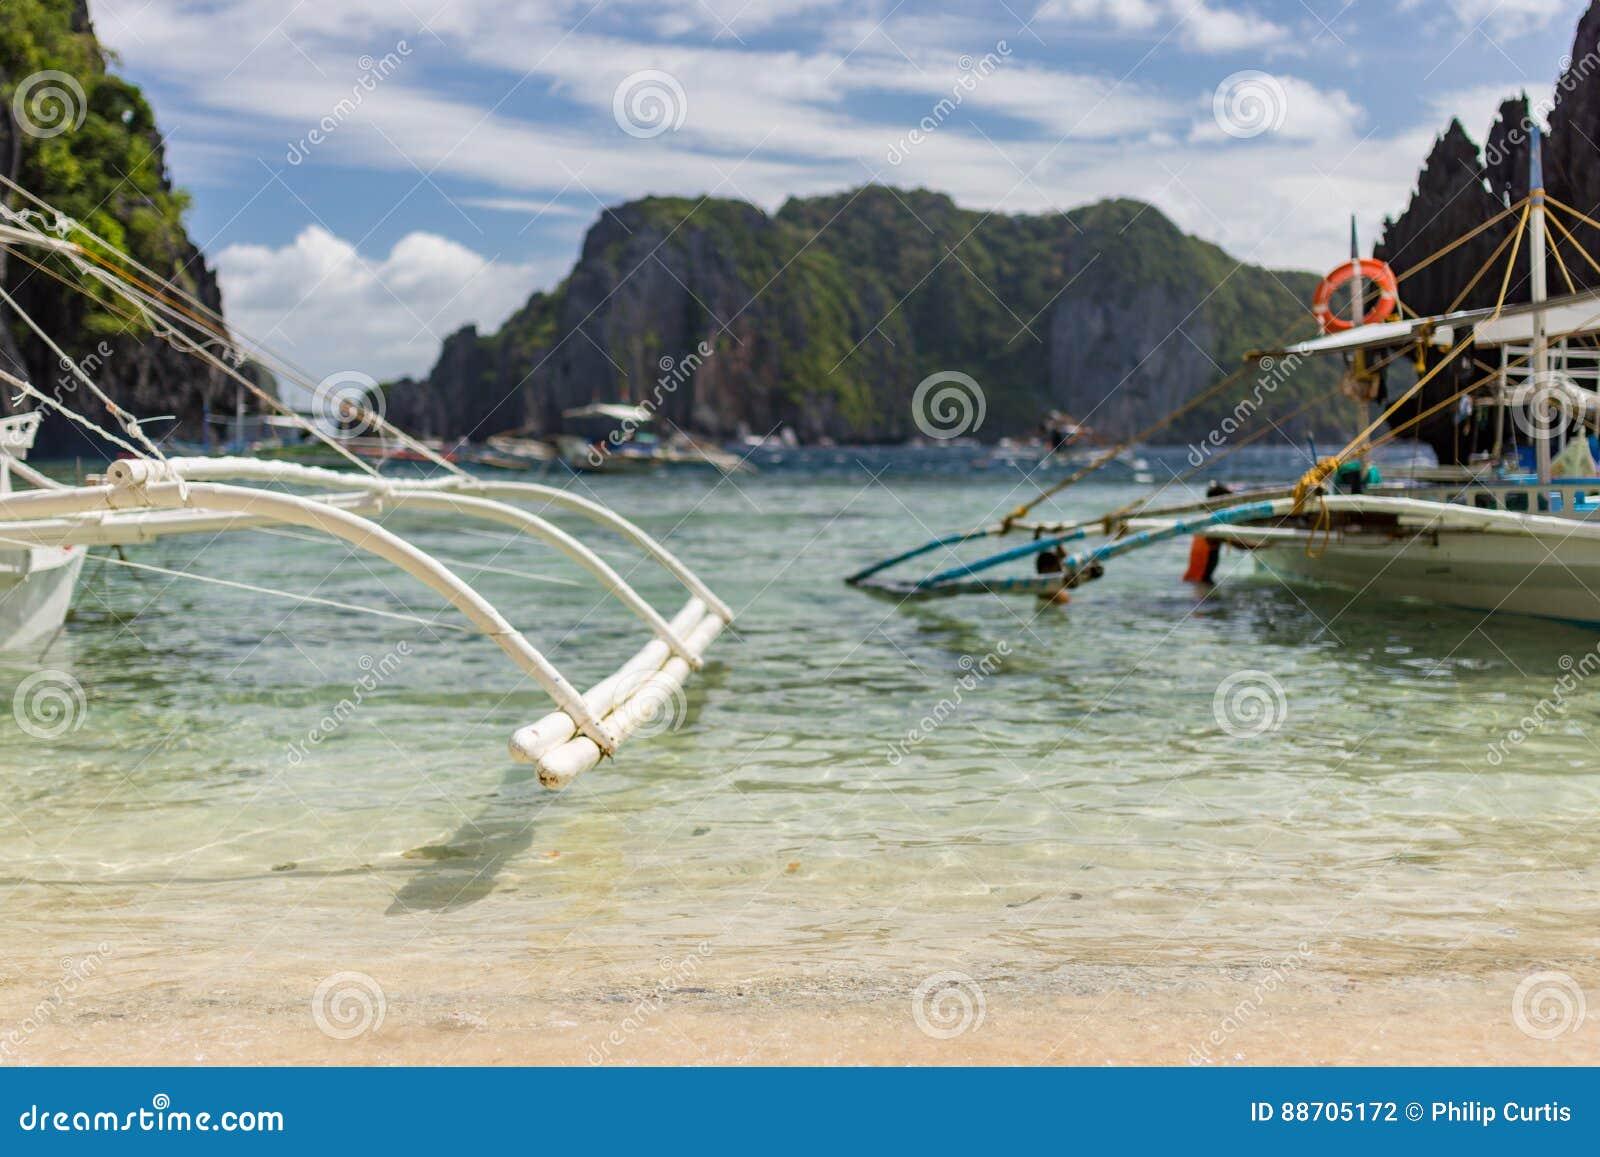 Philippinische Pumpenboote an einem sonnigen Tag